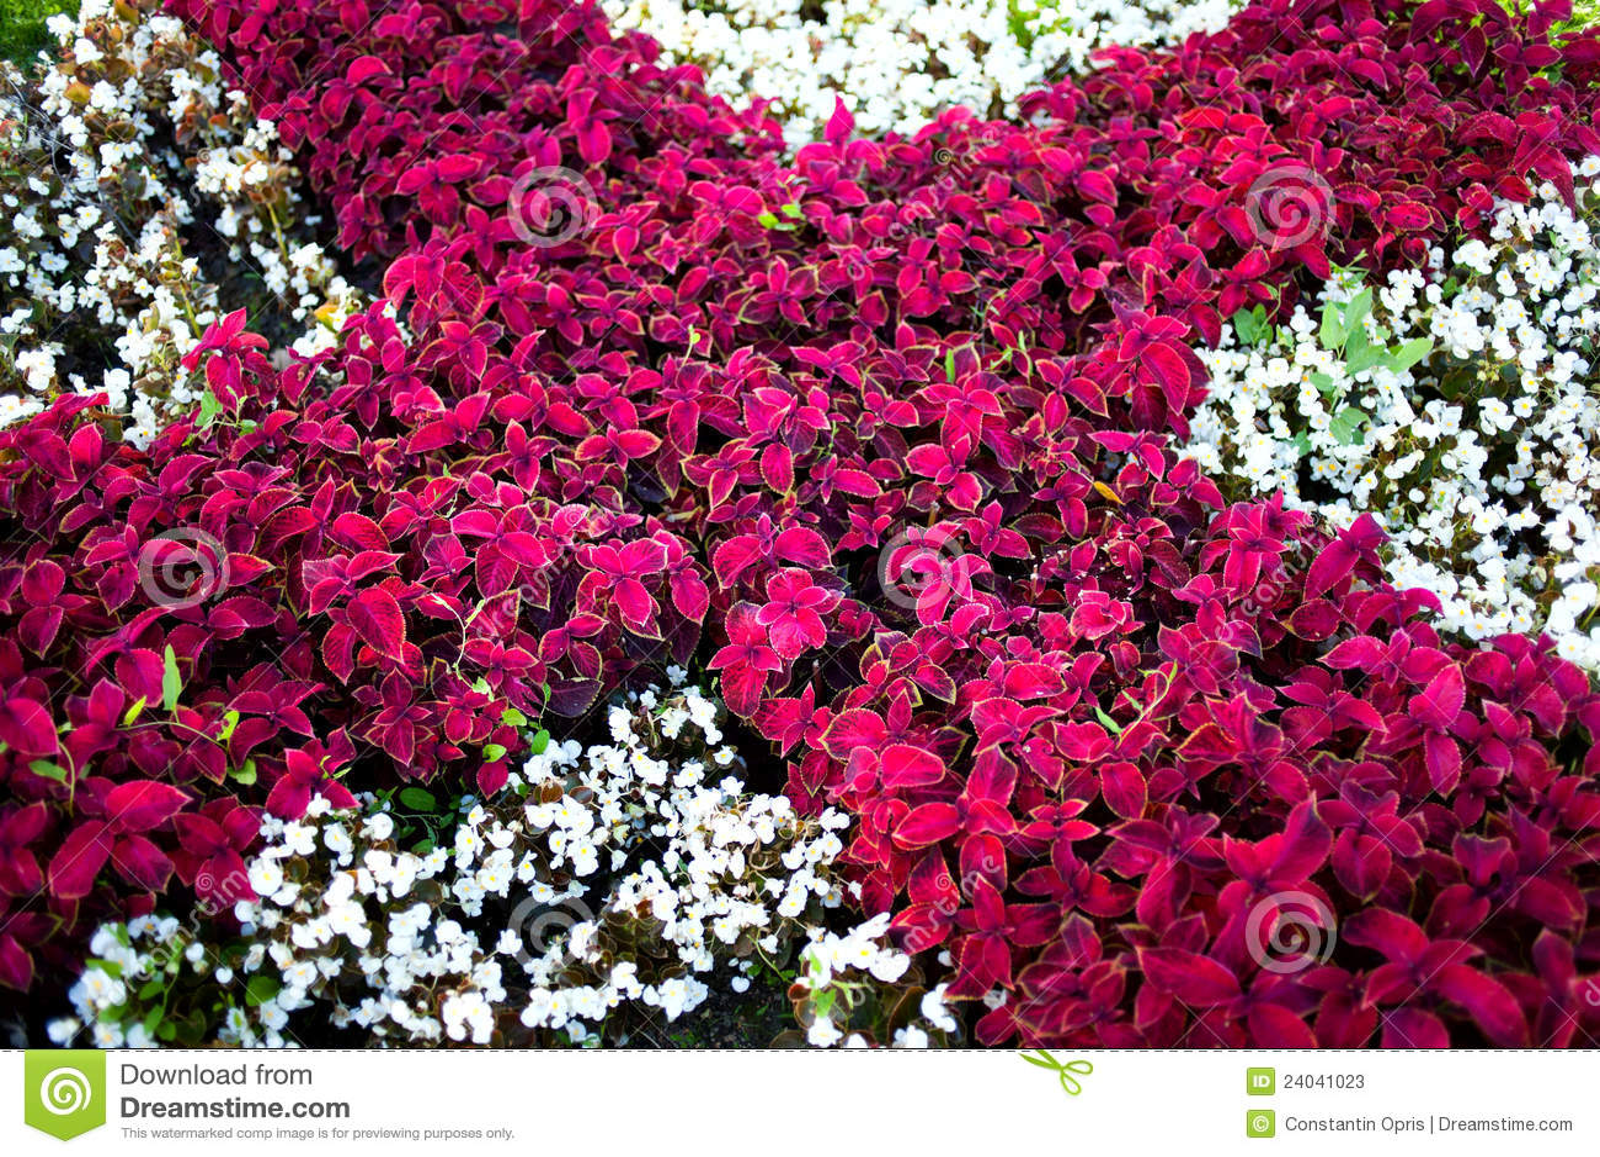 Jardim De Flores Fotos de Stock - Imagem: 24041023